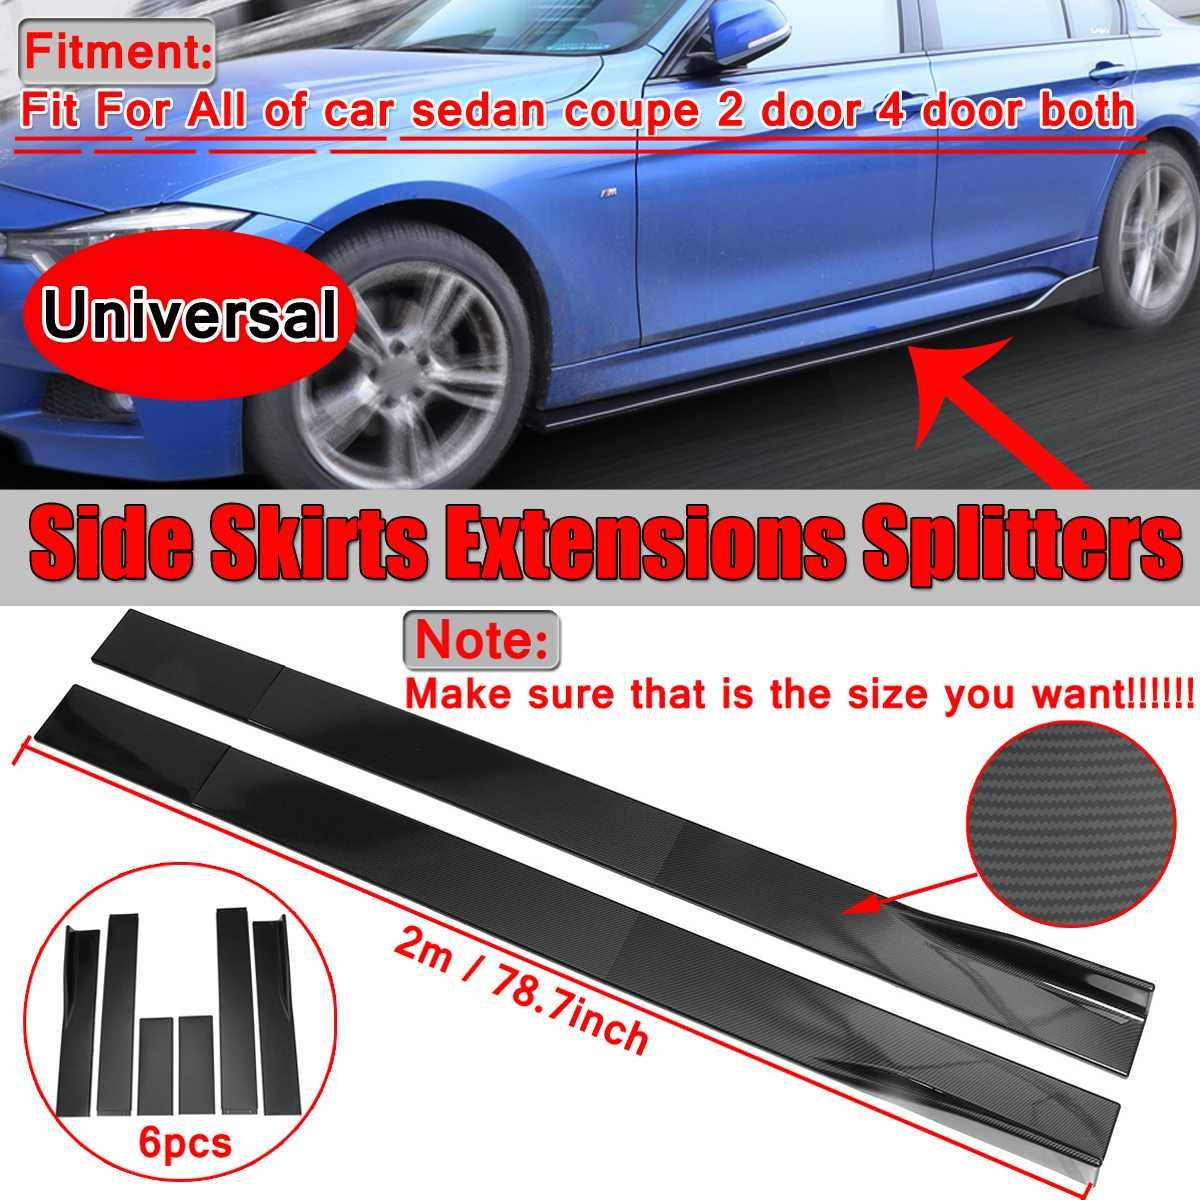 2x fibre de carbone Look/noir voiture côté jupe Extension Splitters corps lèvre pour BMW pour Benz pour Honda côté jupe Winglet séparateur